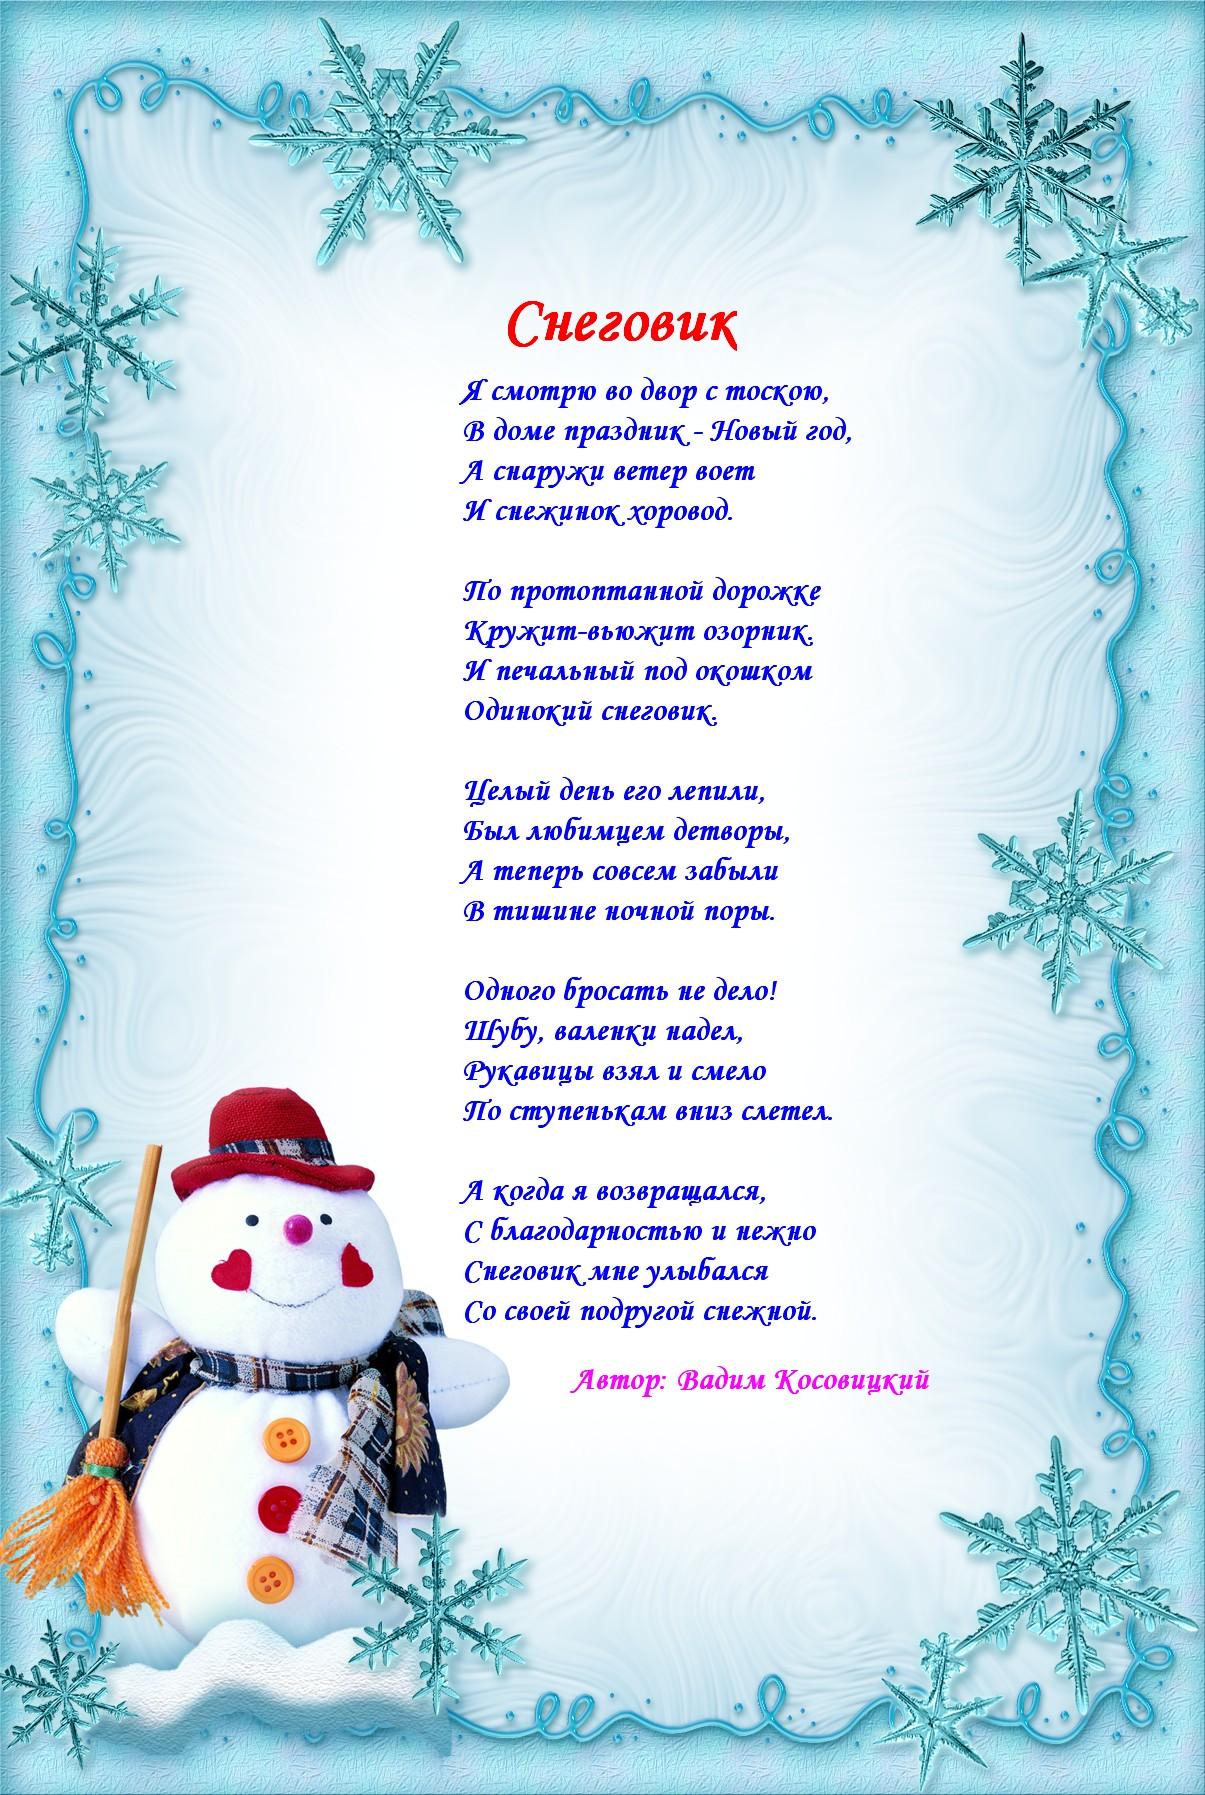 оснасткой стихи для подготовительной группы про новый год или